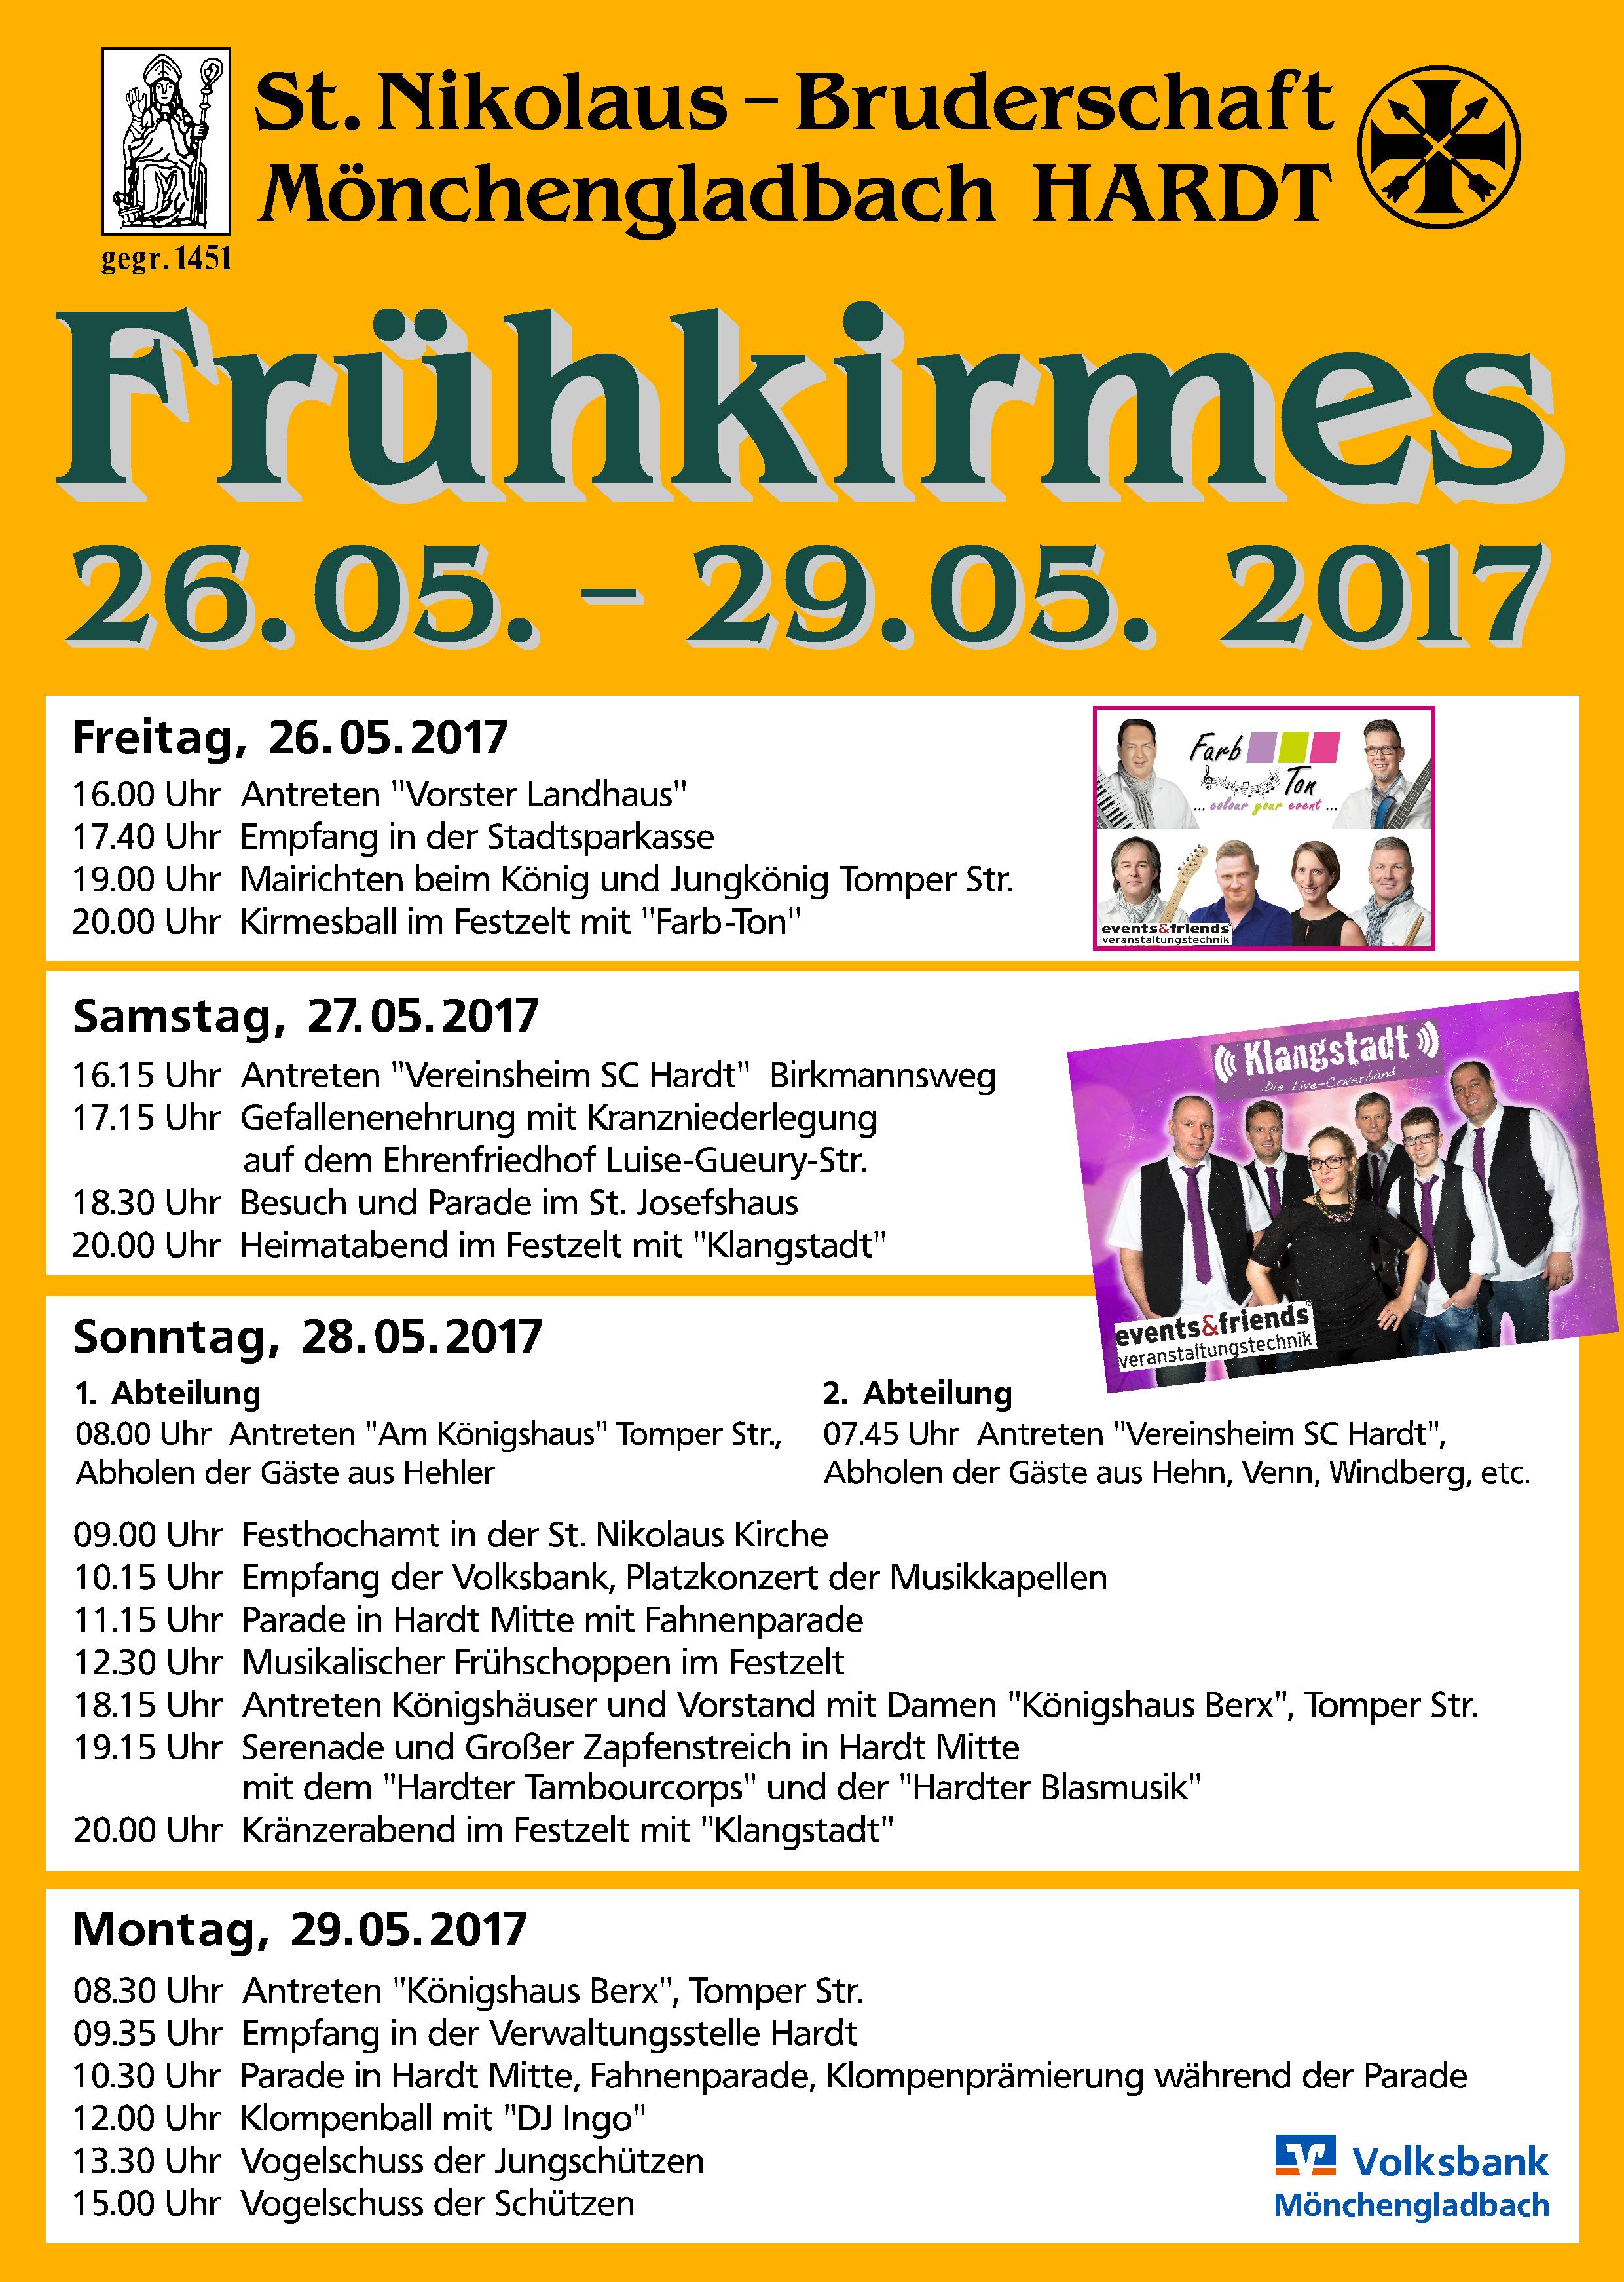 st_-nikolaus-bruderschaft_fruehkirmes-2017